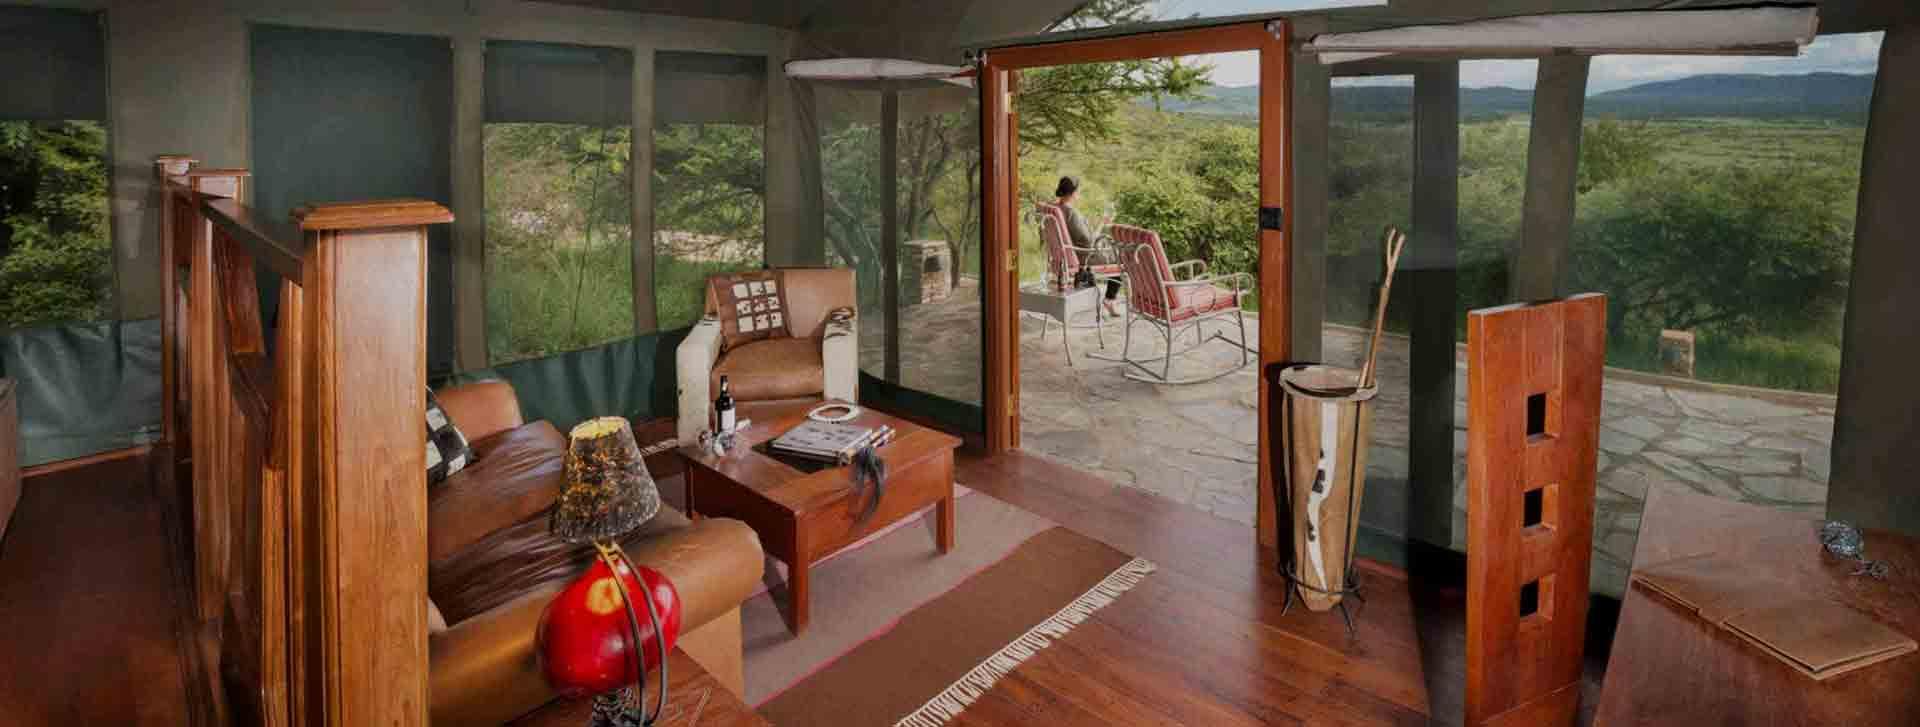 3  day days-lodge lodge-safari